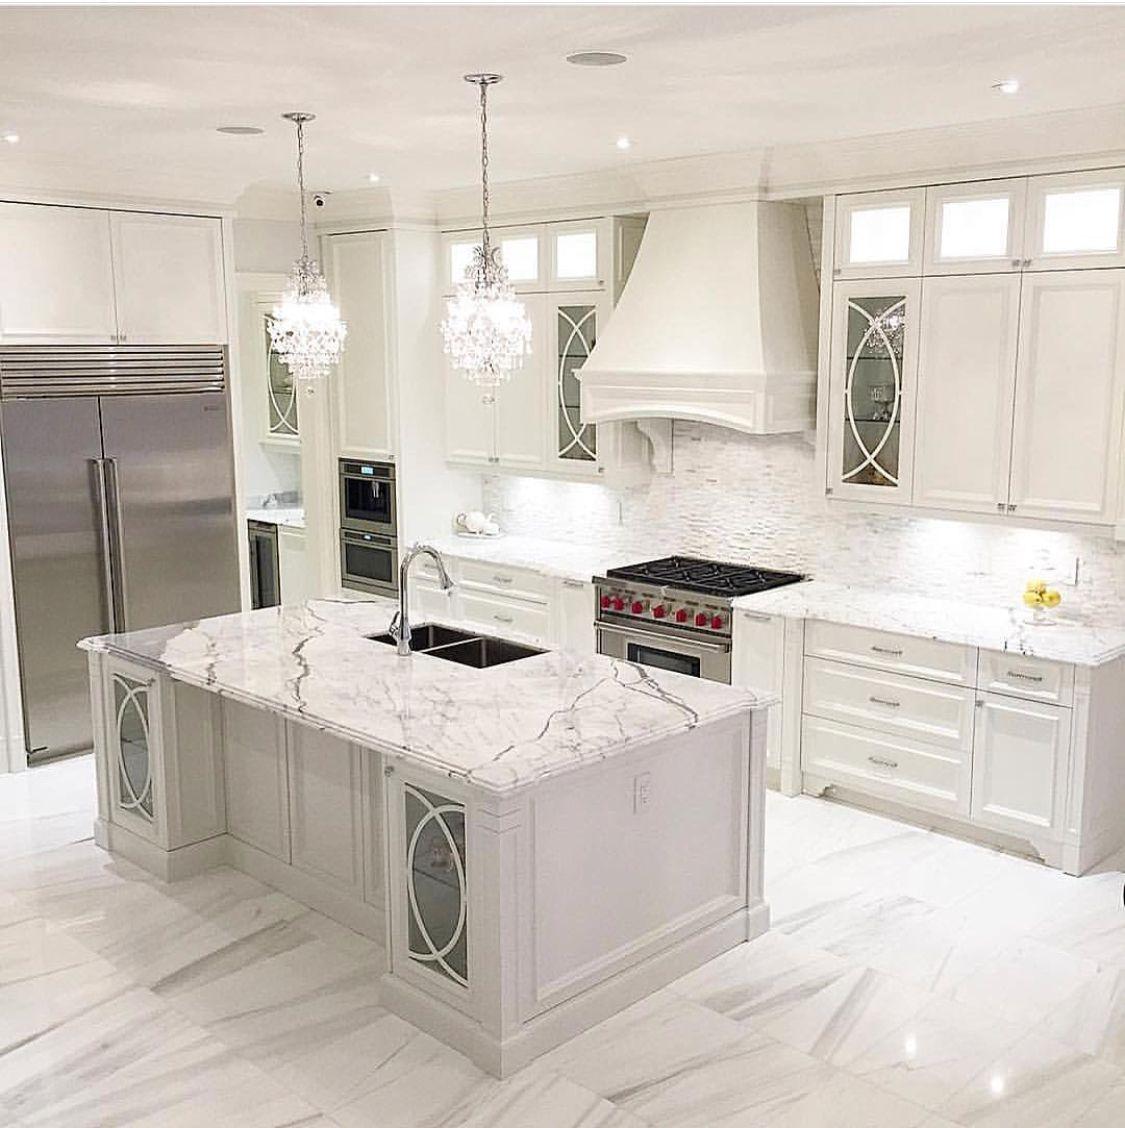 Condo Kitchen Lighting Ideas: Pin By Joanna McDonald On Kitchen